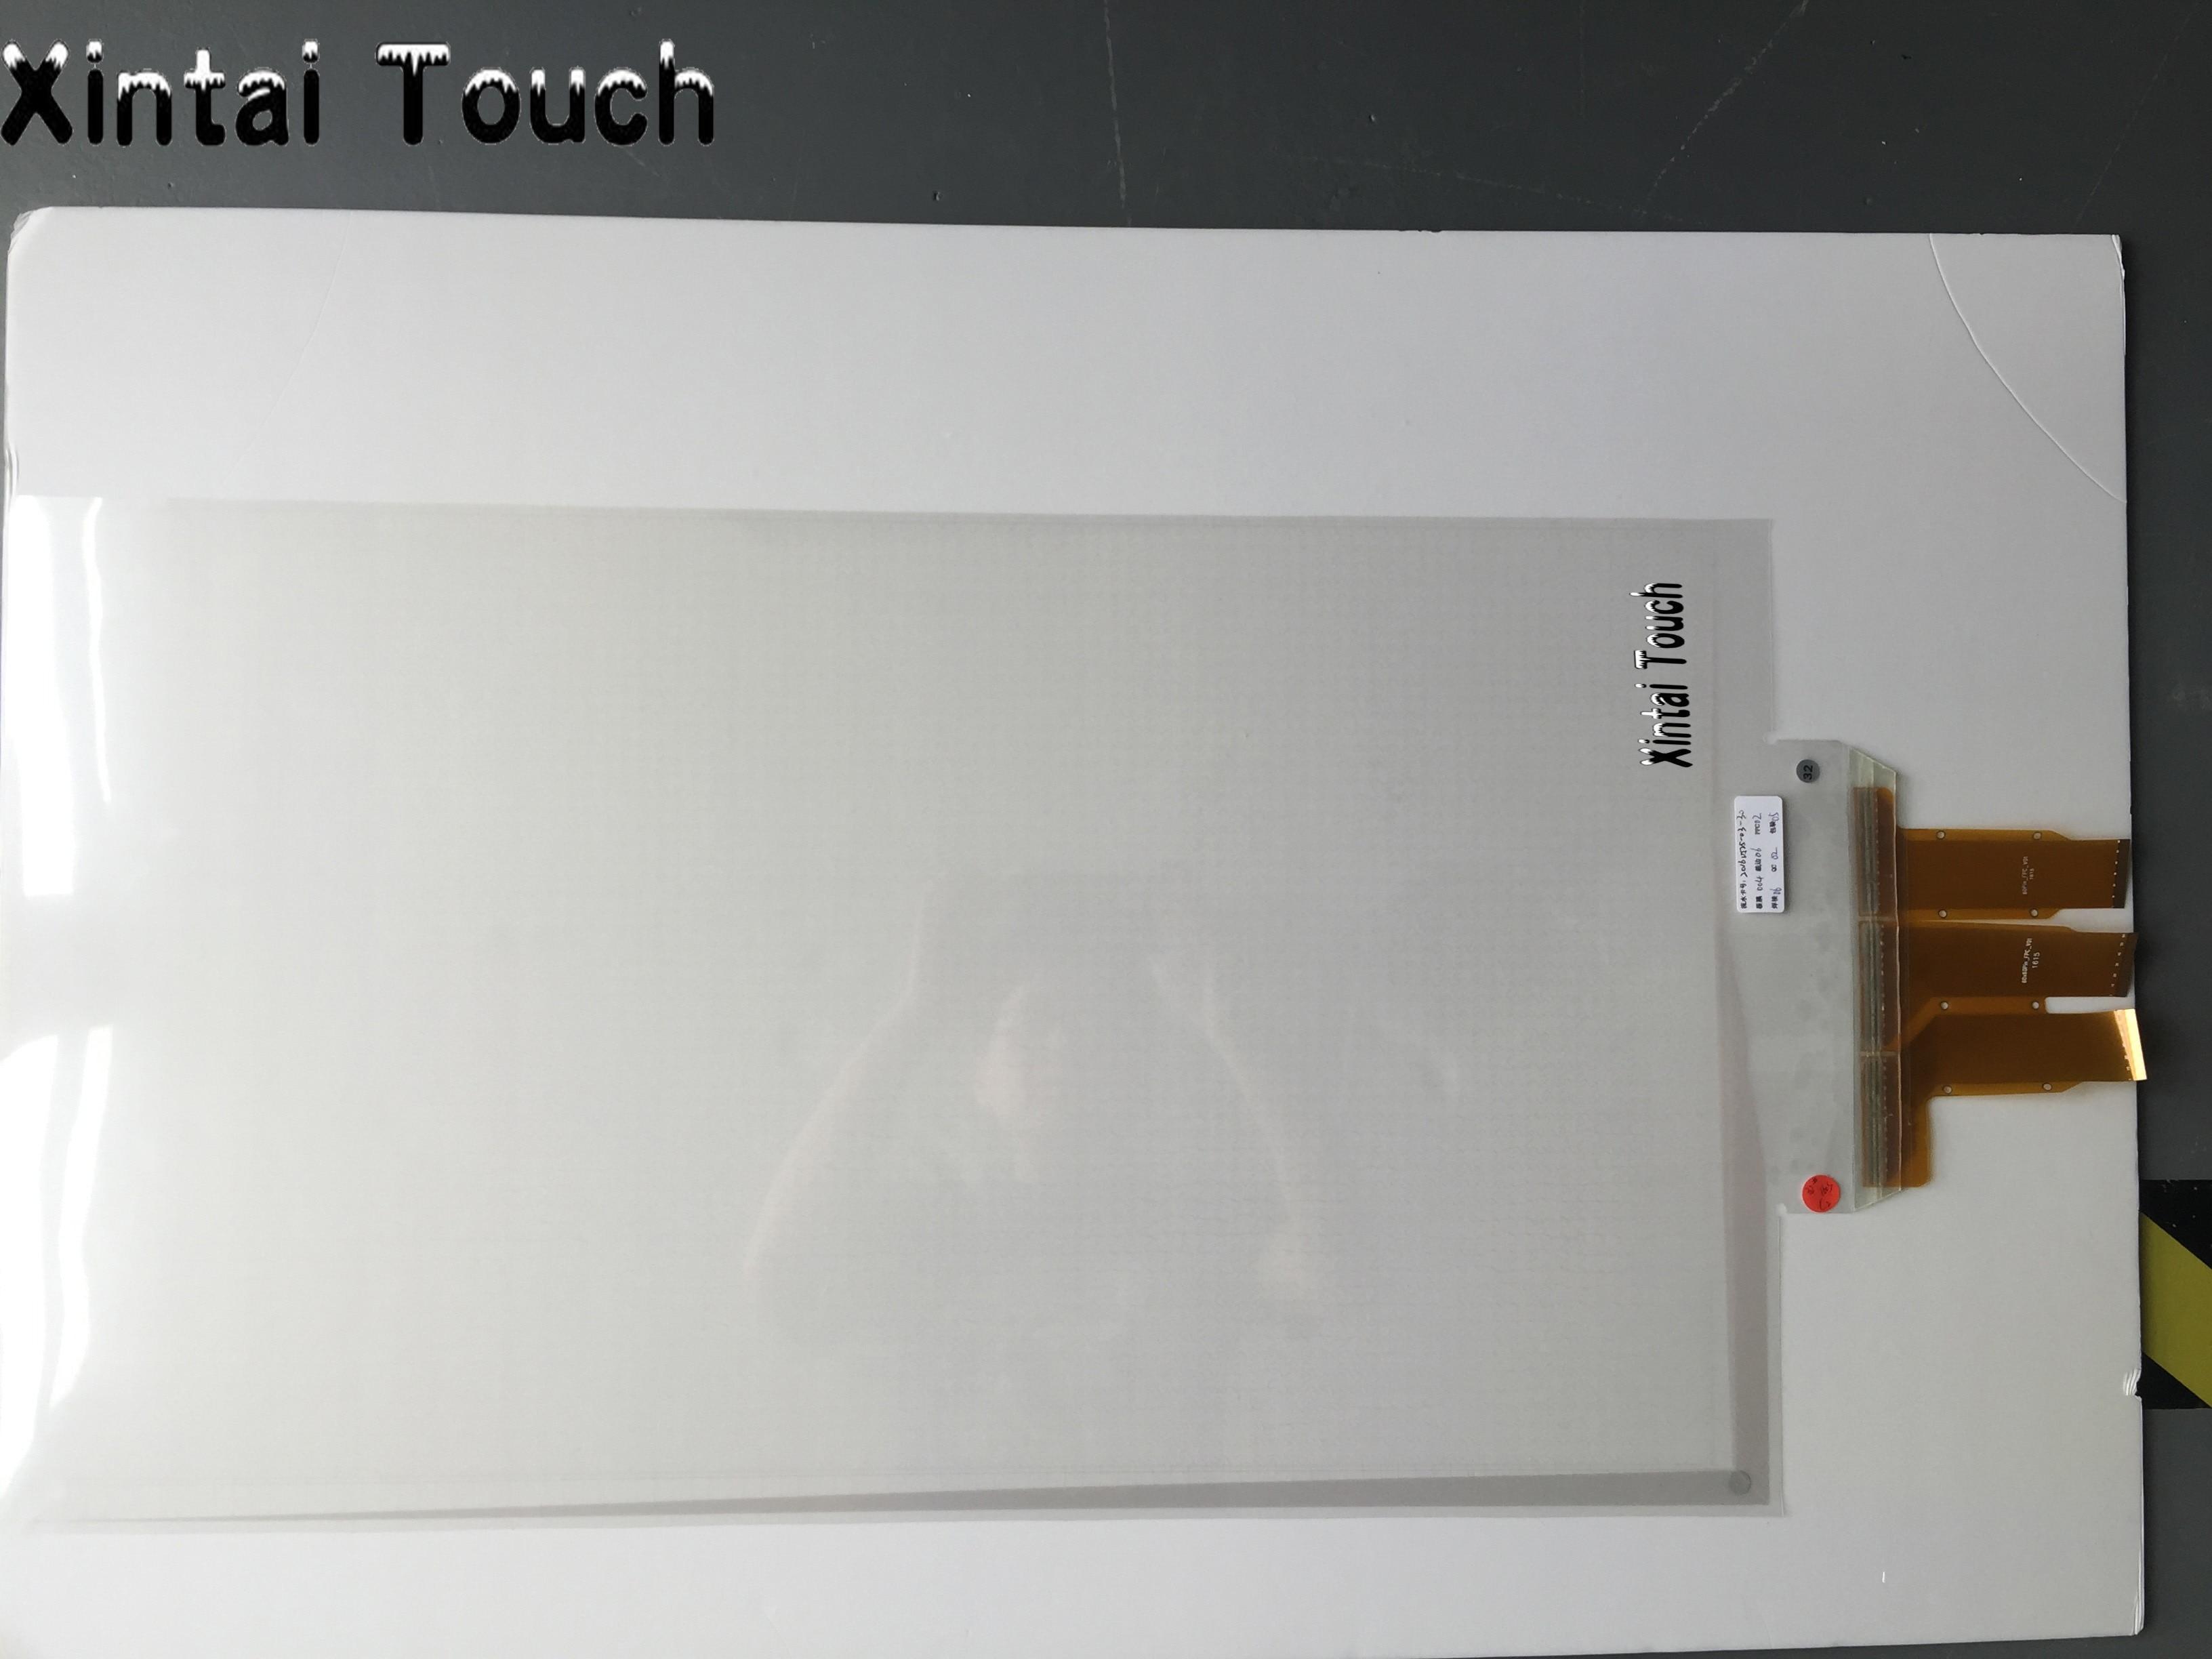 Mettendo un foglio di proiezione posteriore o display LCD dietro di esso, 42 pollici USB di tocco dello schermo di film per il vetroMettendo un foglio di proiezione posteriore o display LCD dietro di esso, 42 pollici USB di tocco dello schermo di film per il vetro